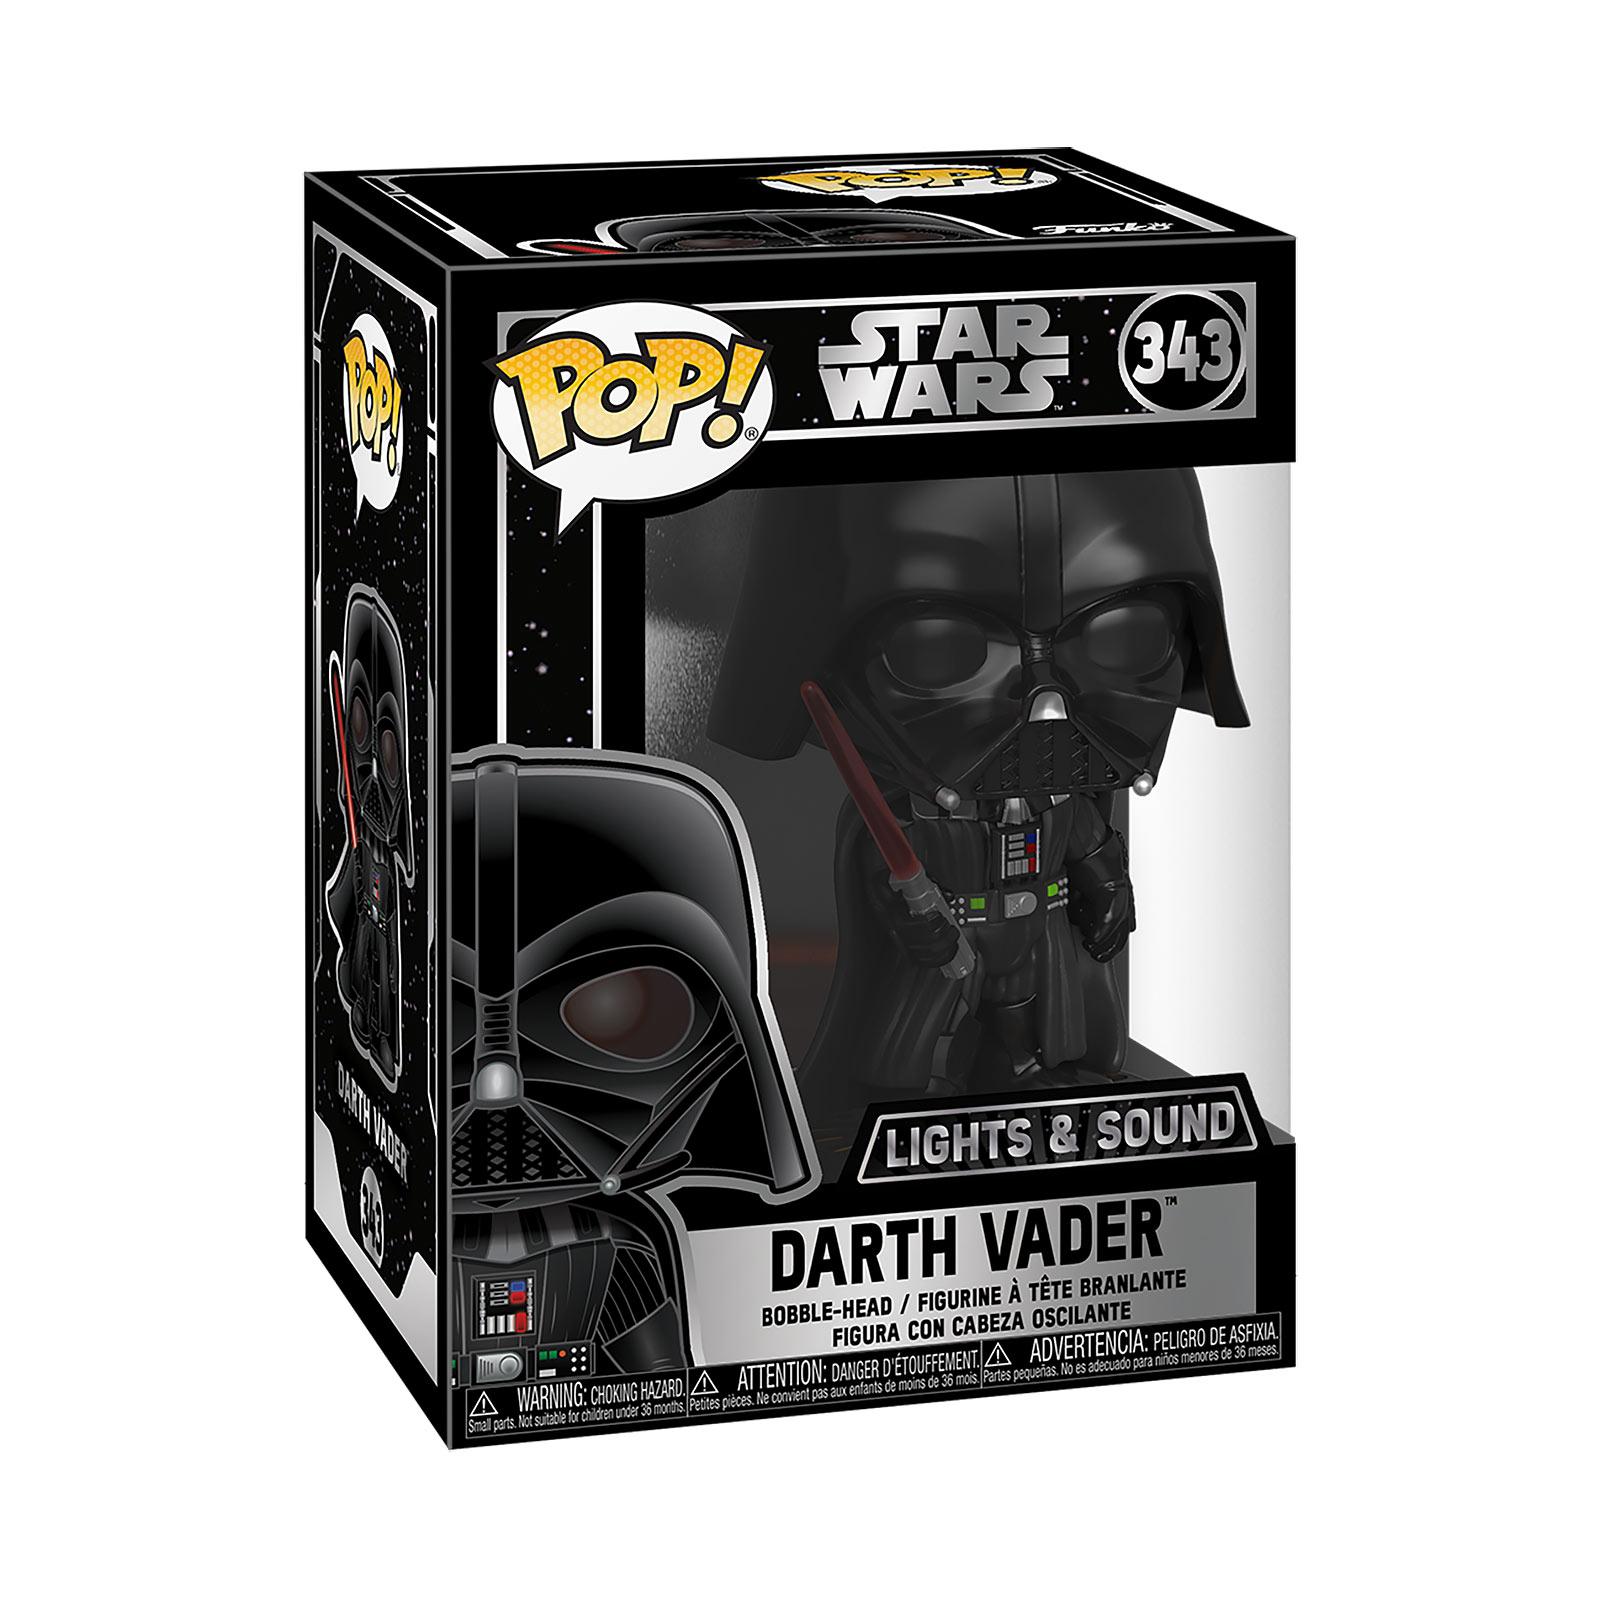 Star Wars - Darth Vader Funko Pop Wackelkopf-Figur mit Licht und Sound